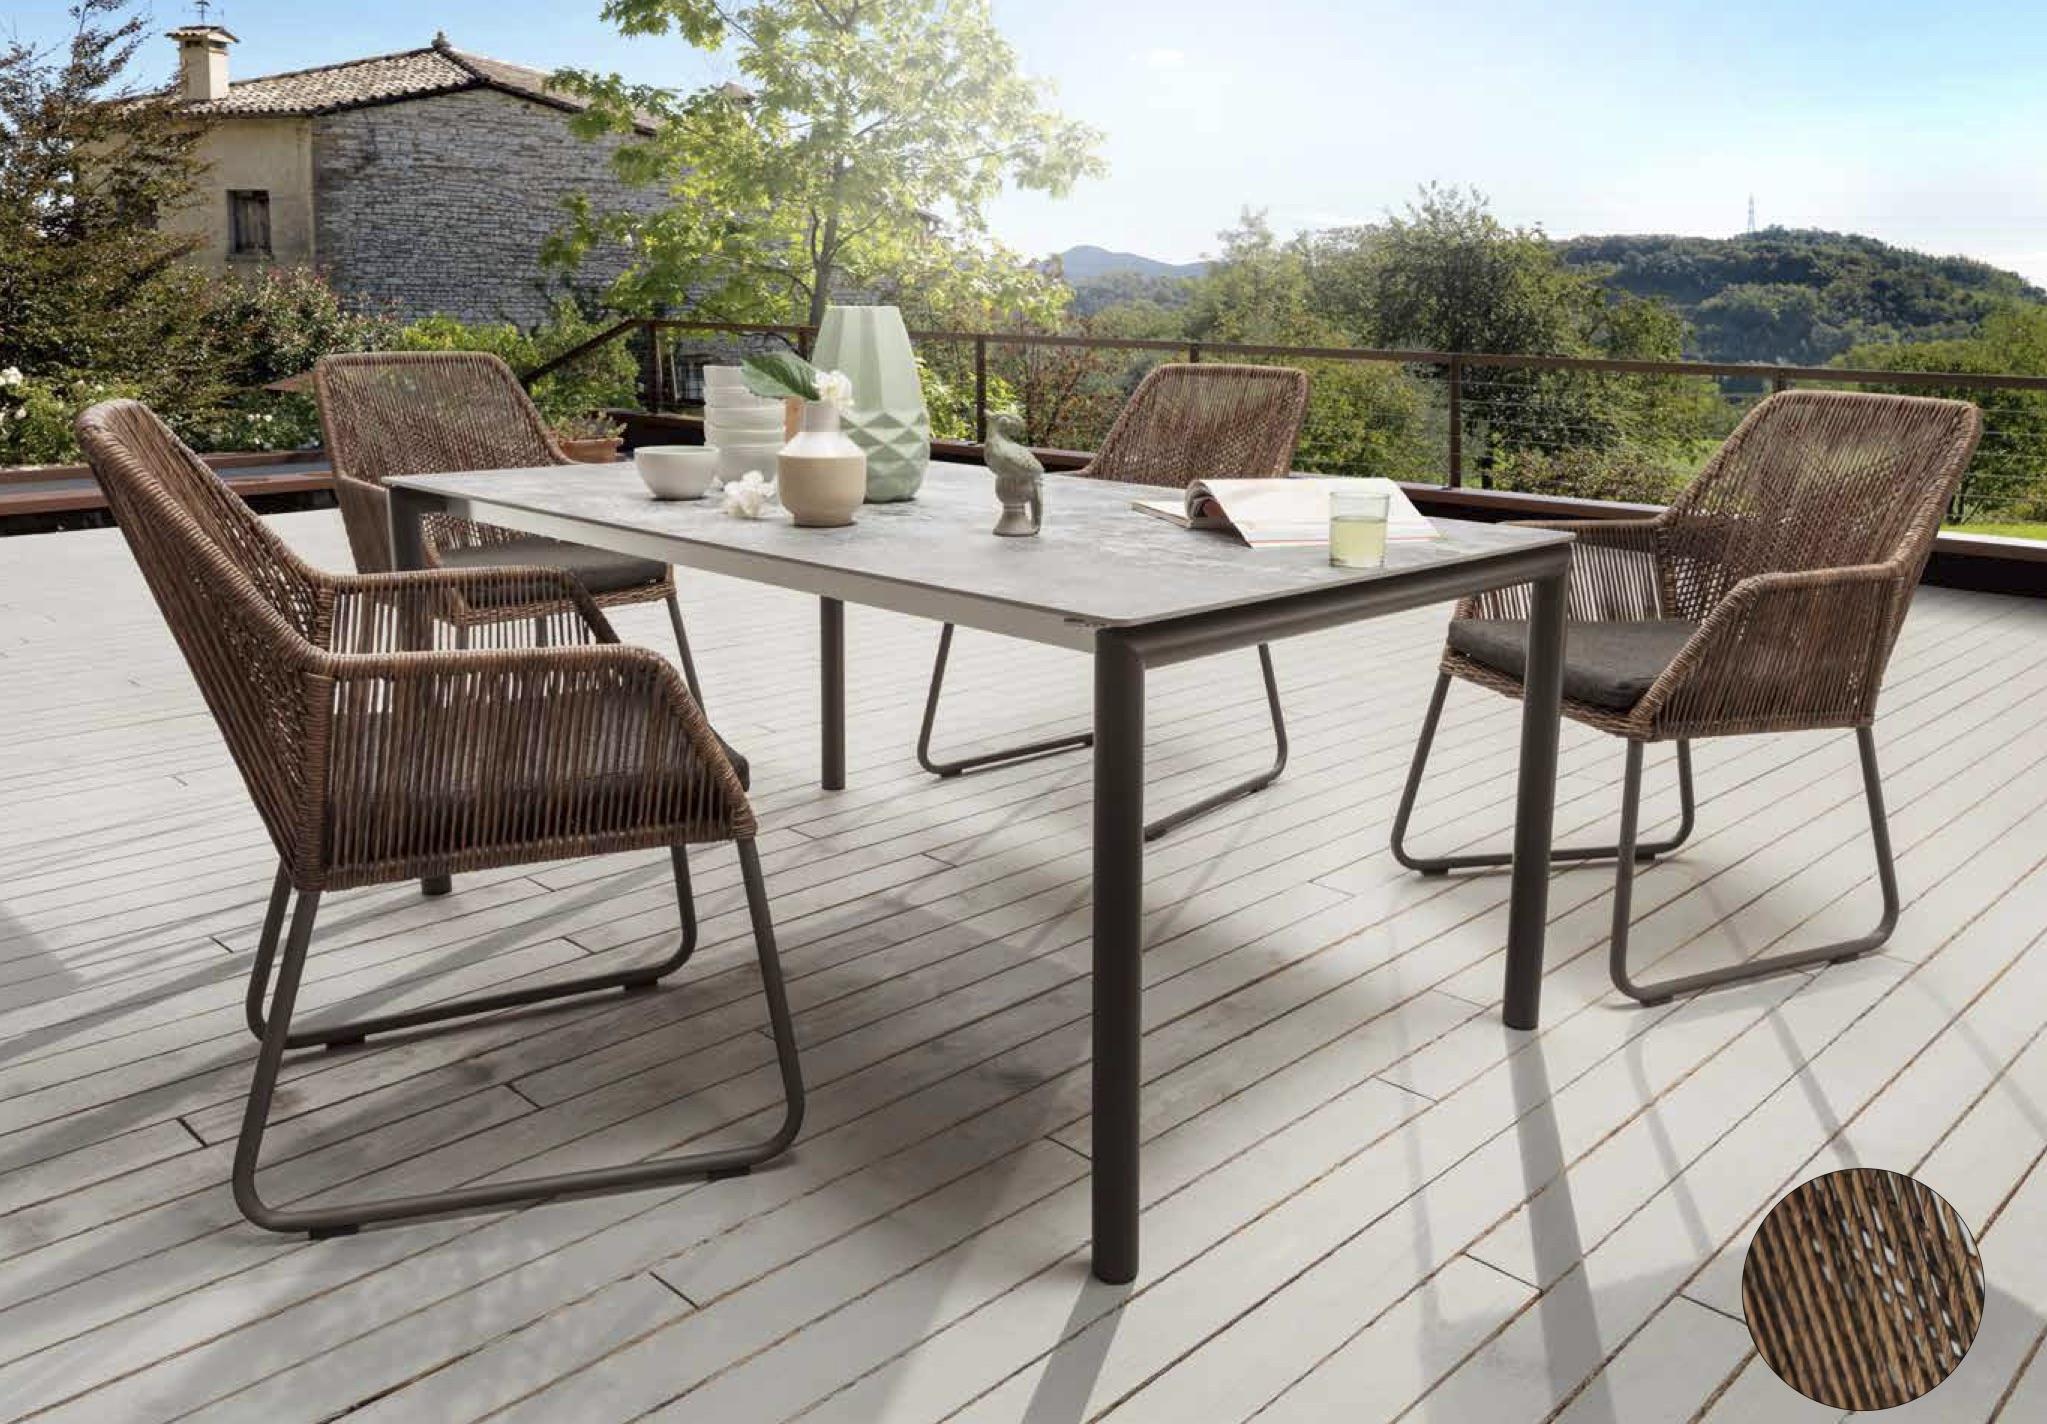 Tisch mit Edelstahlfüssen eisengrau lackiert, Stuhl Allanis, Tischplatte Dekton Orix